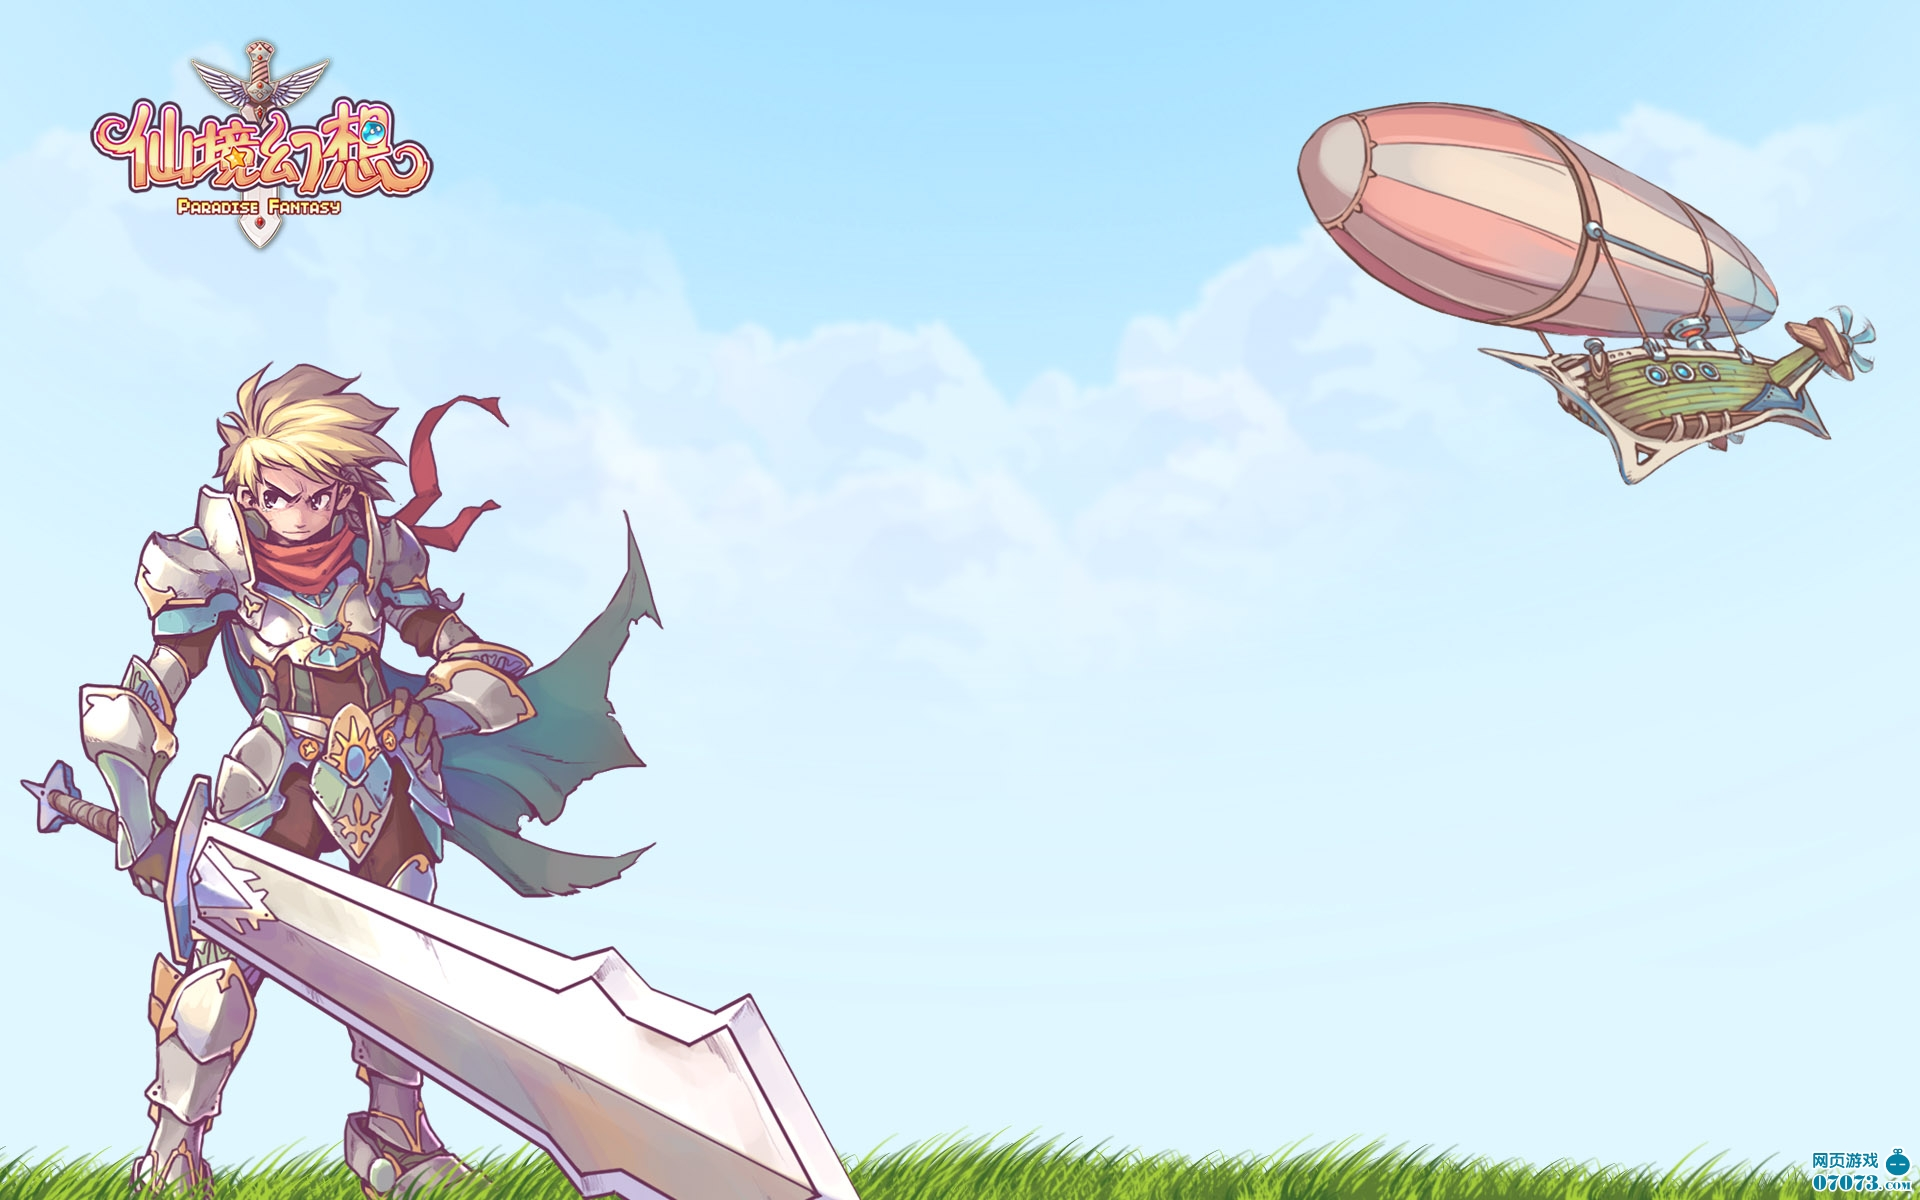 《仙境幻想》最新游戏梦幻壁纸